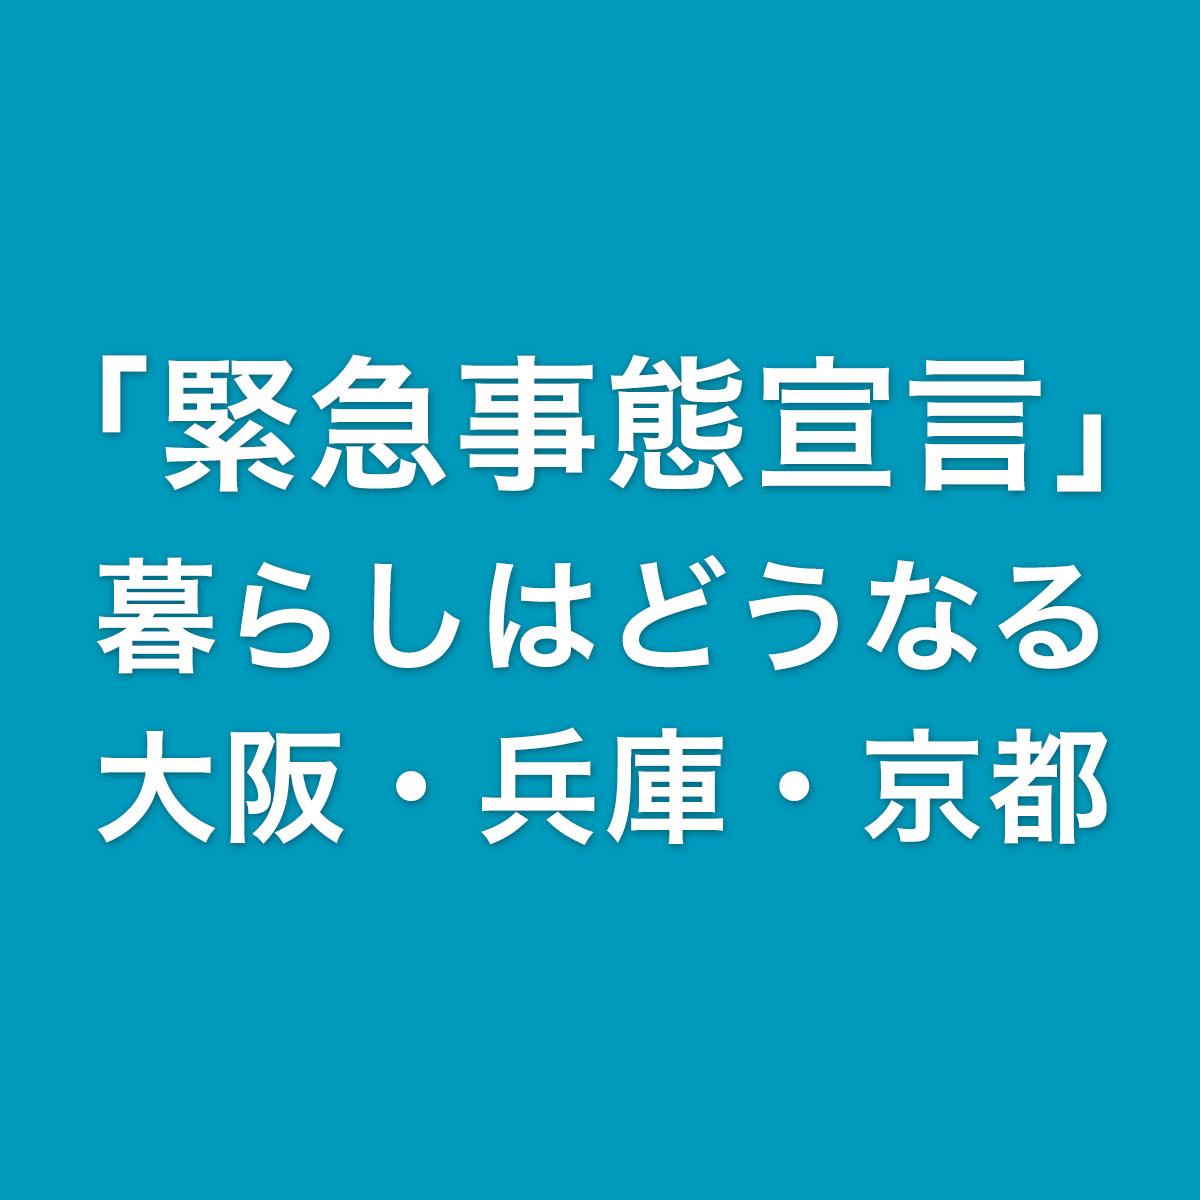 大阪 府 休業 要請 業種 一覧